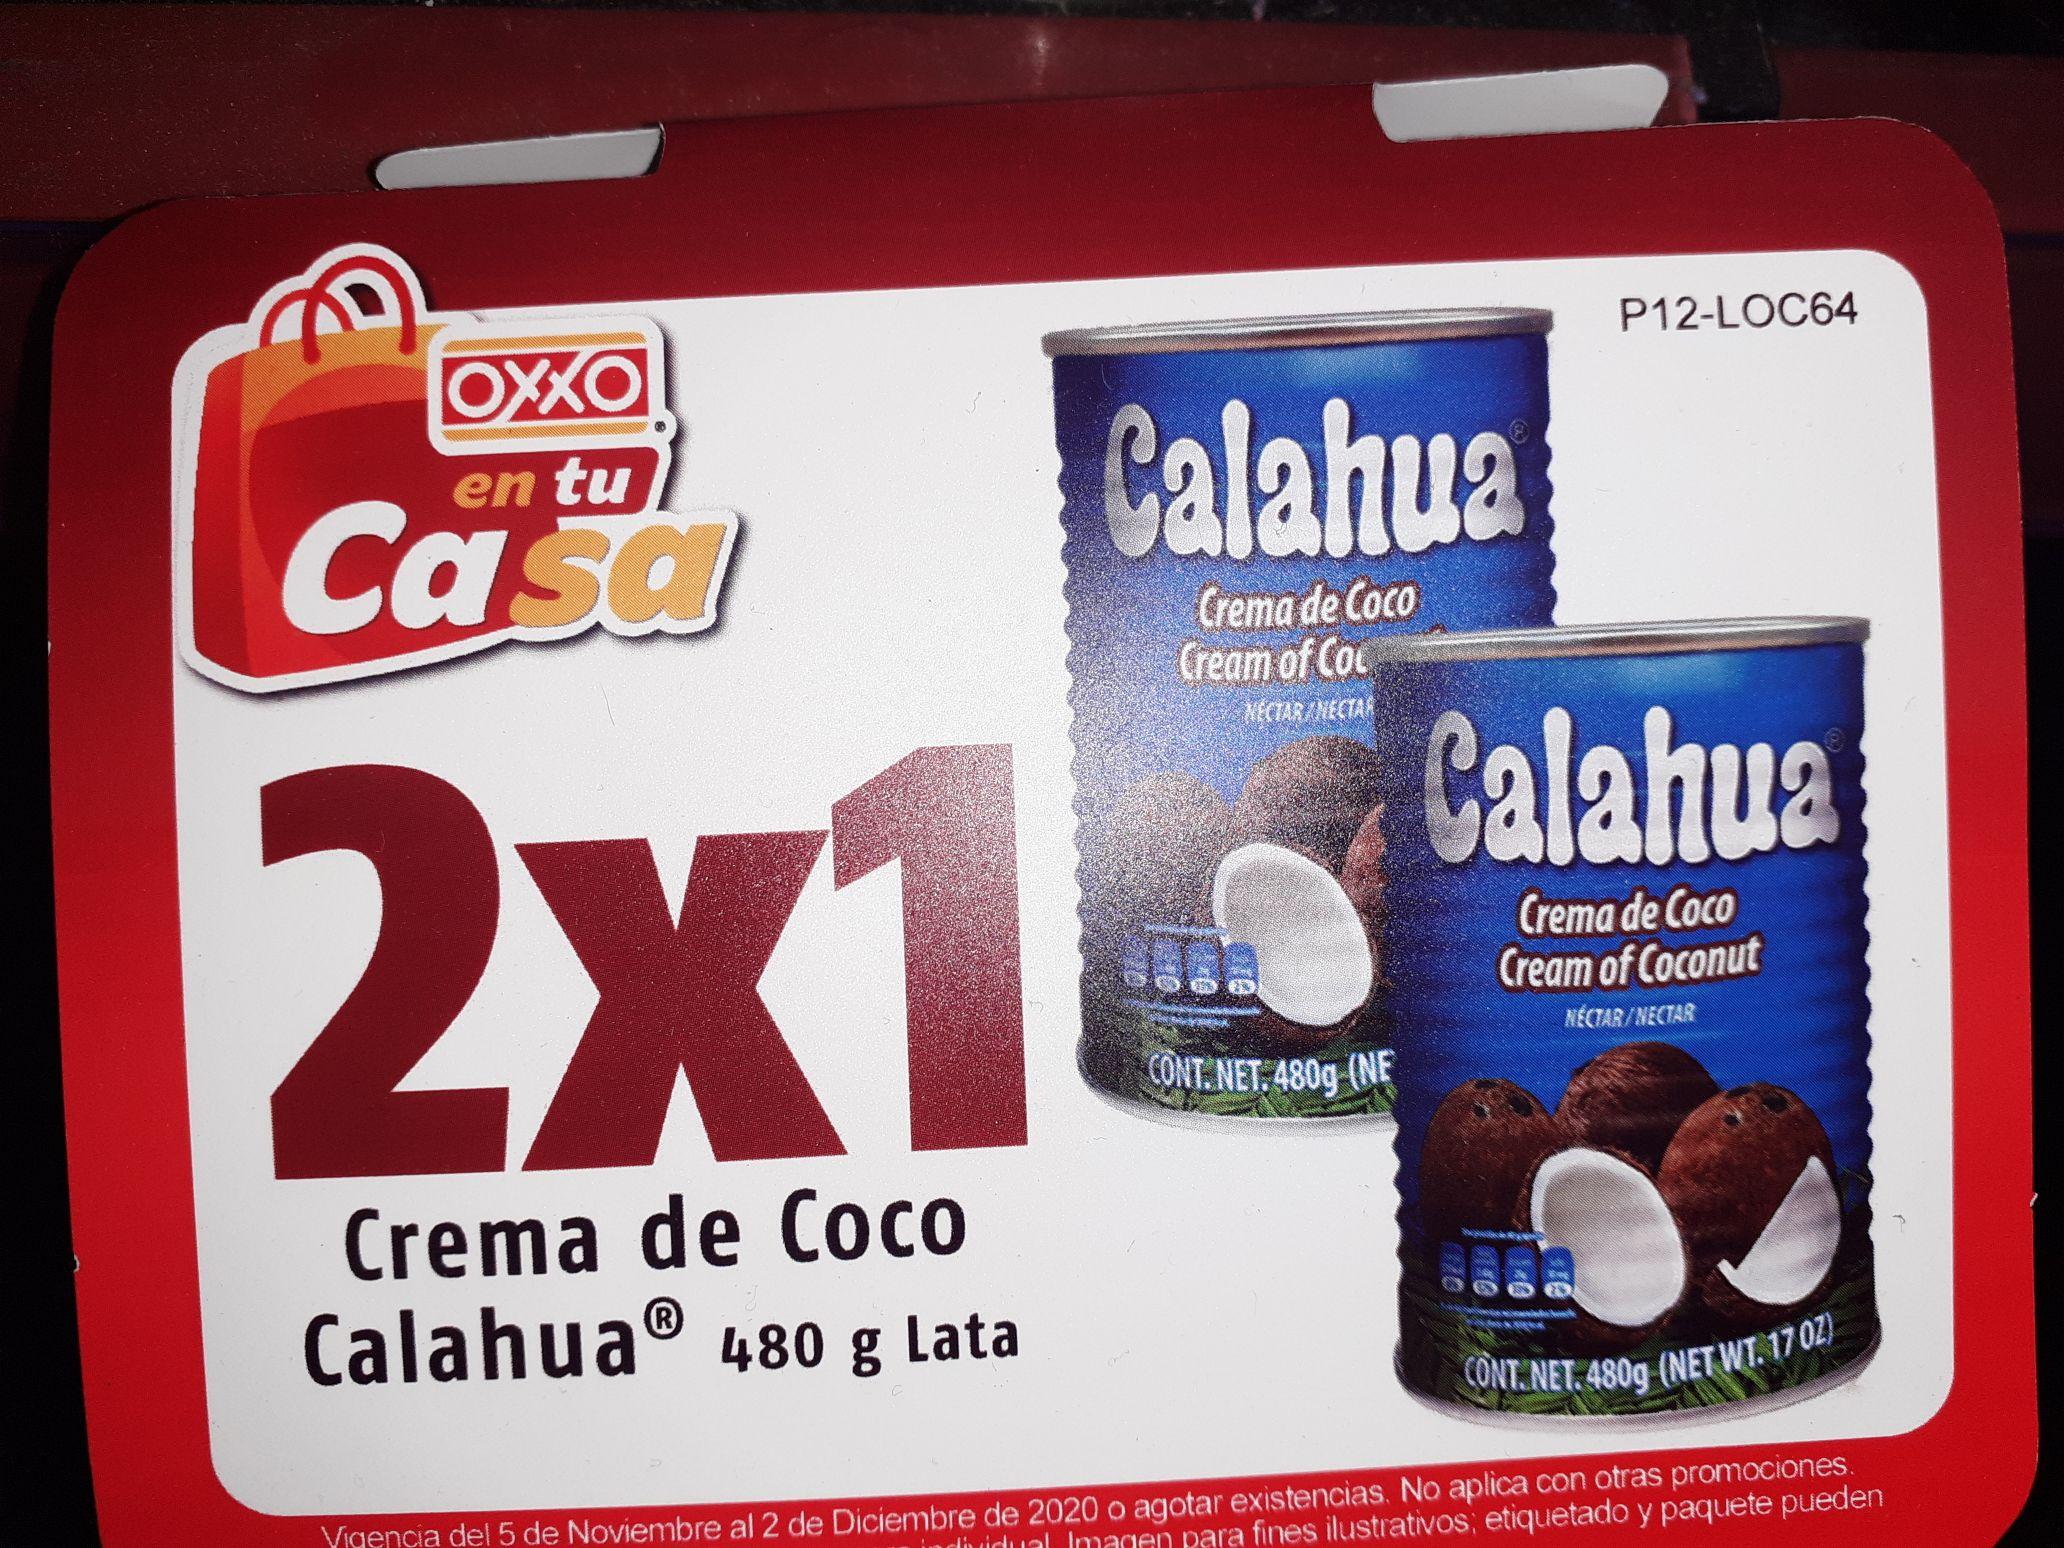 Oxxo: Crema de Coco Calahua 2x1